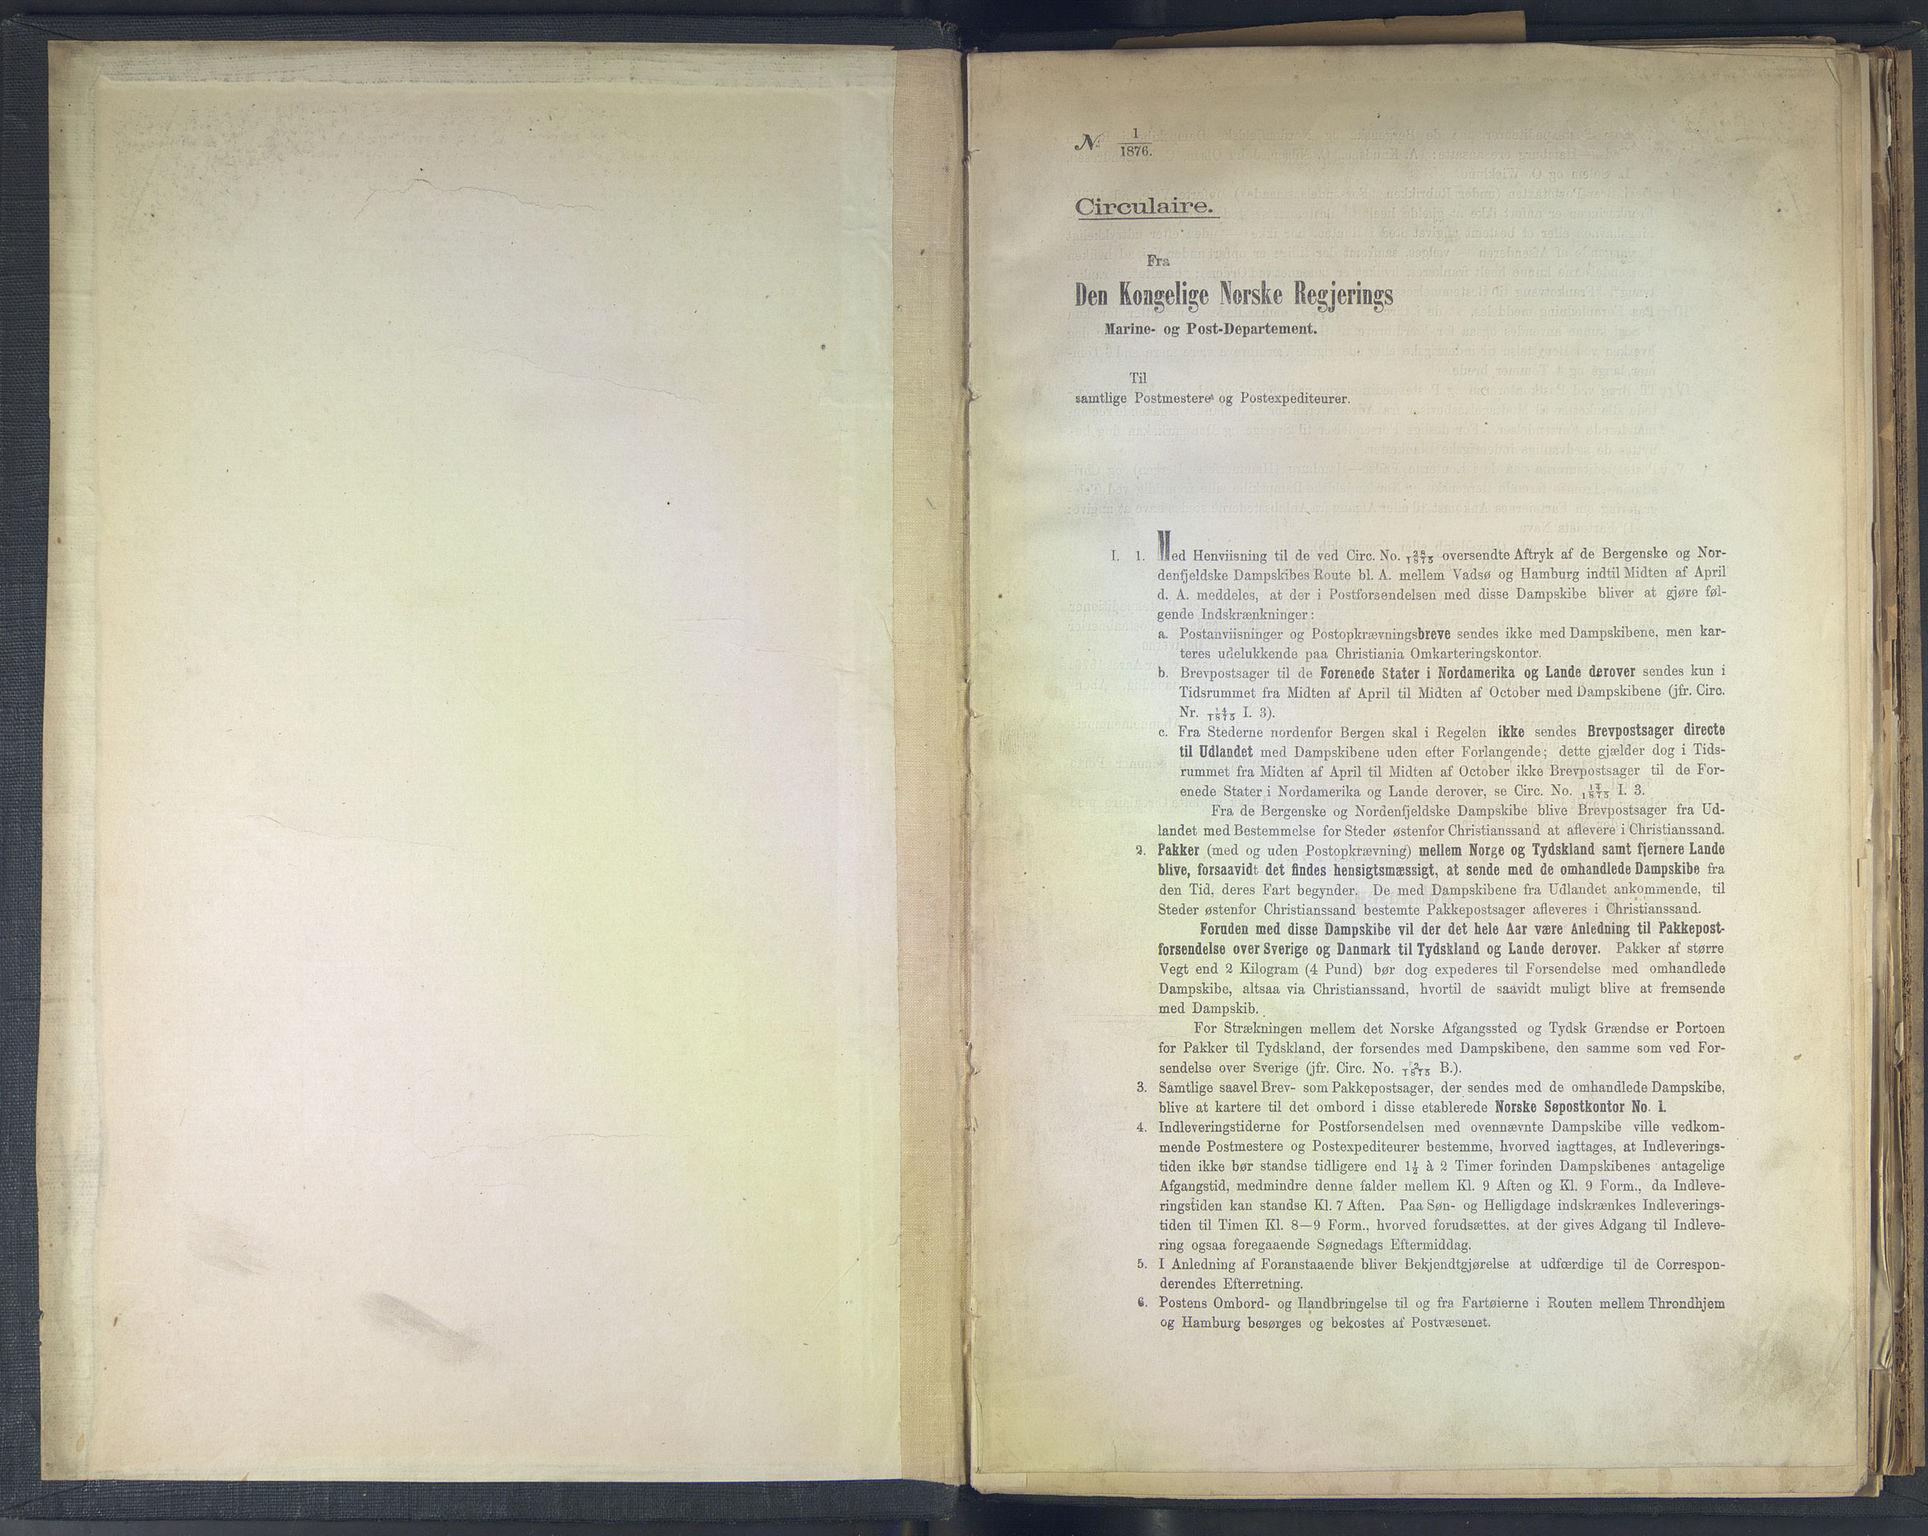 NOPO, Norges Postmuseums bibliotek, -/-: Sirkulærer fra Den Kongelige Norske Regjerings Marine- og Postdepartement, 1876